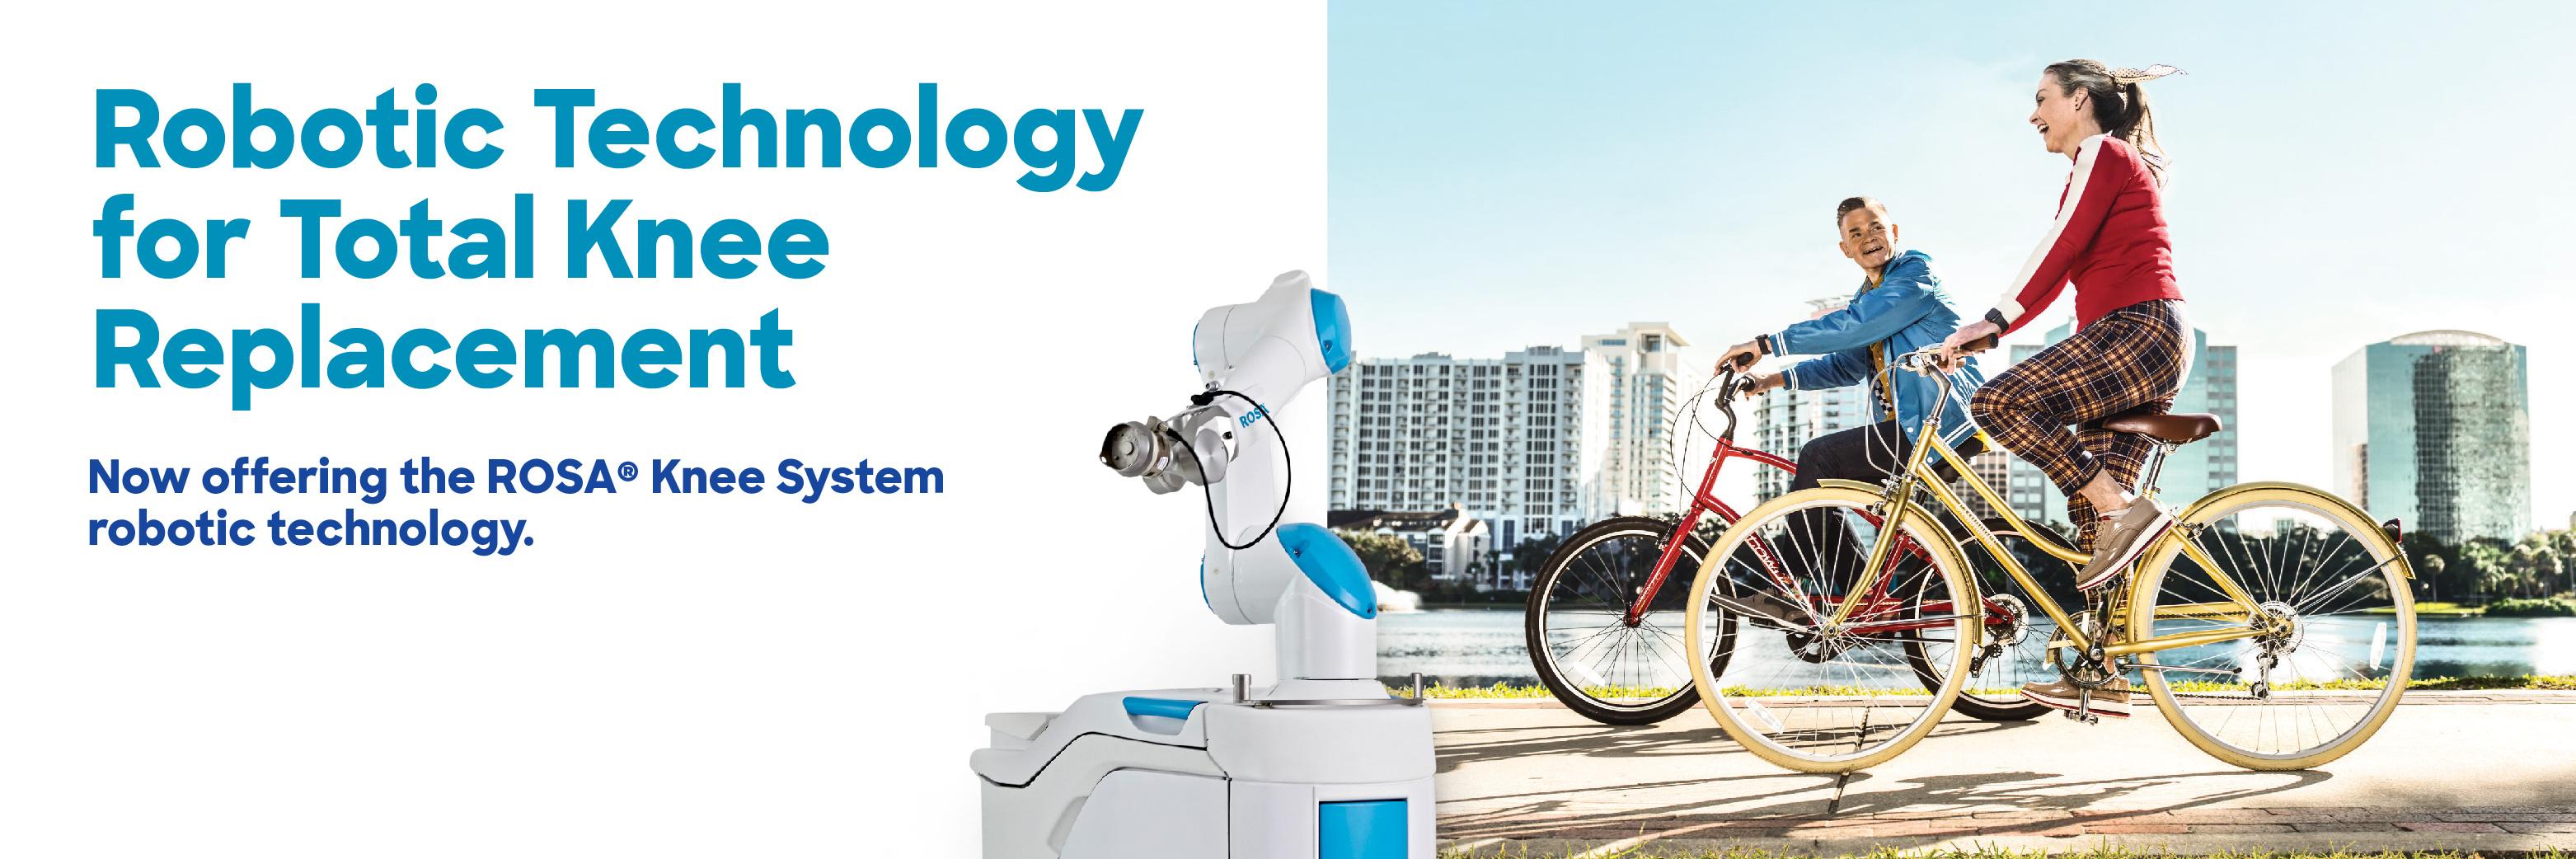 BSWOSH_Robotics_Banner-01